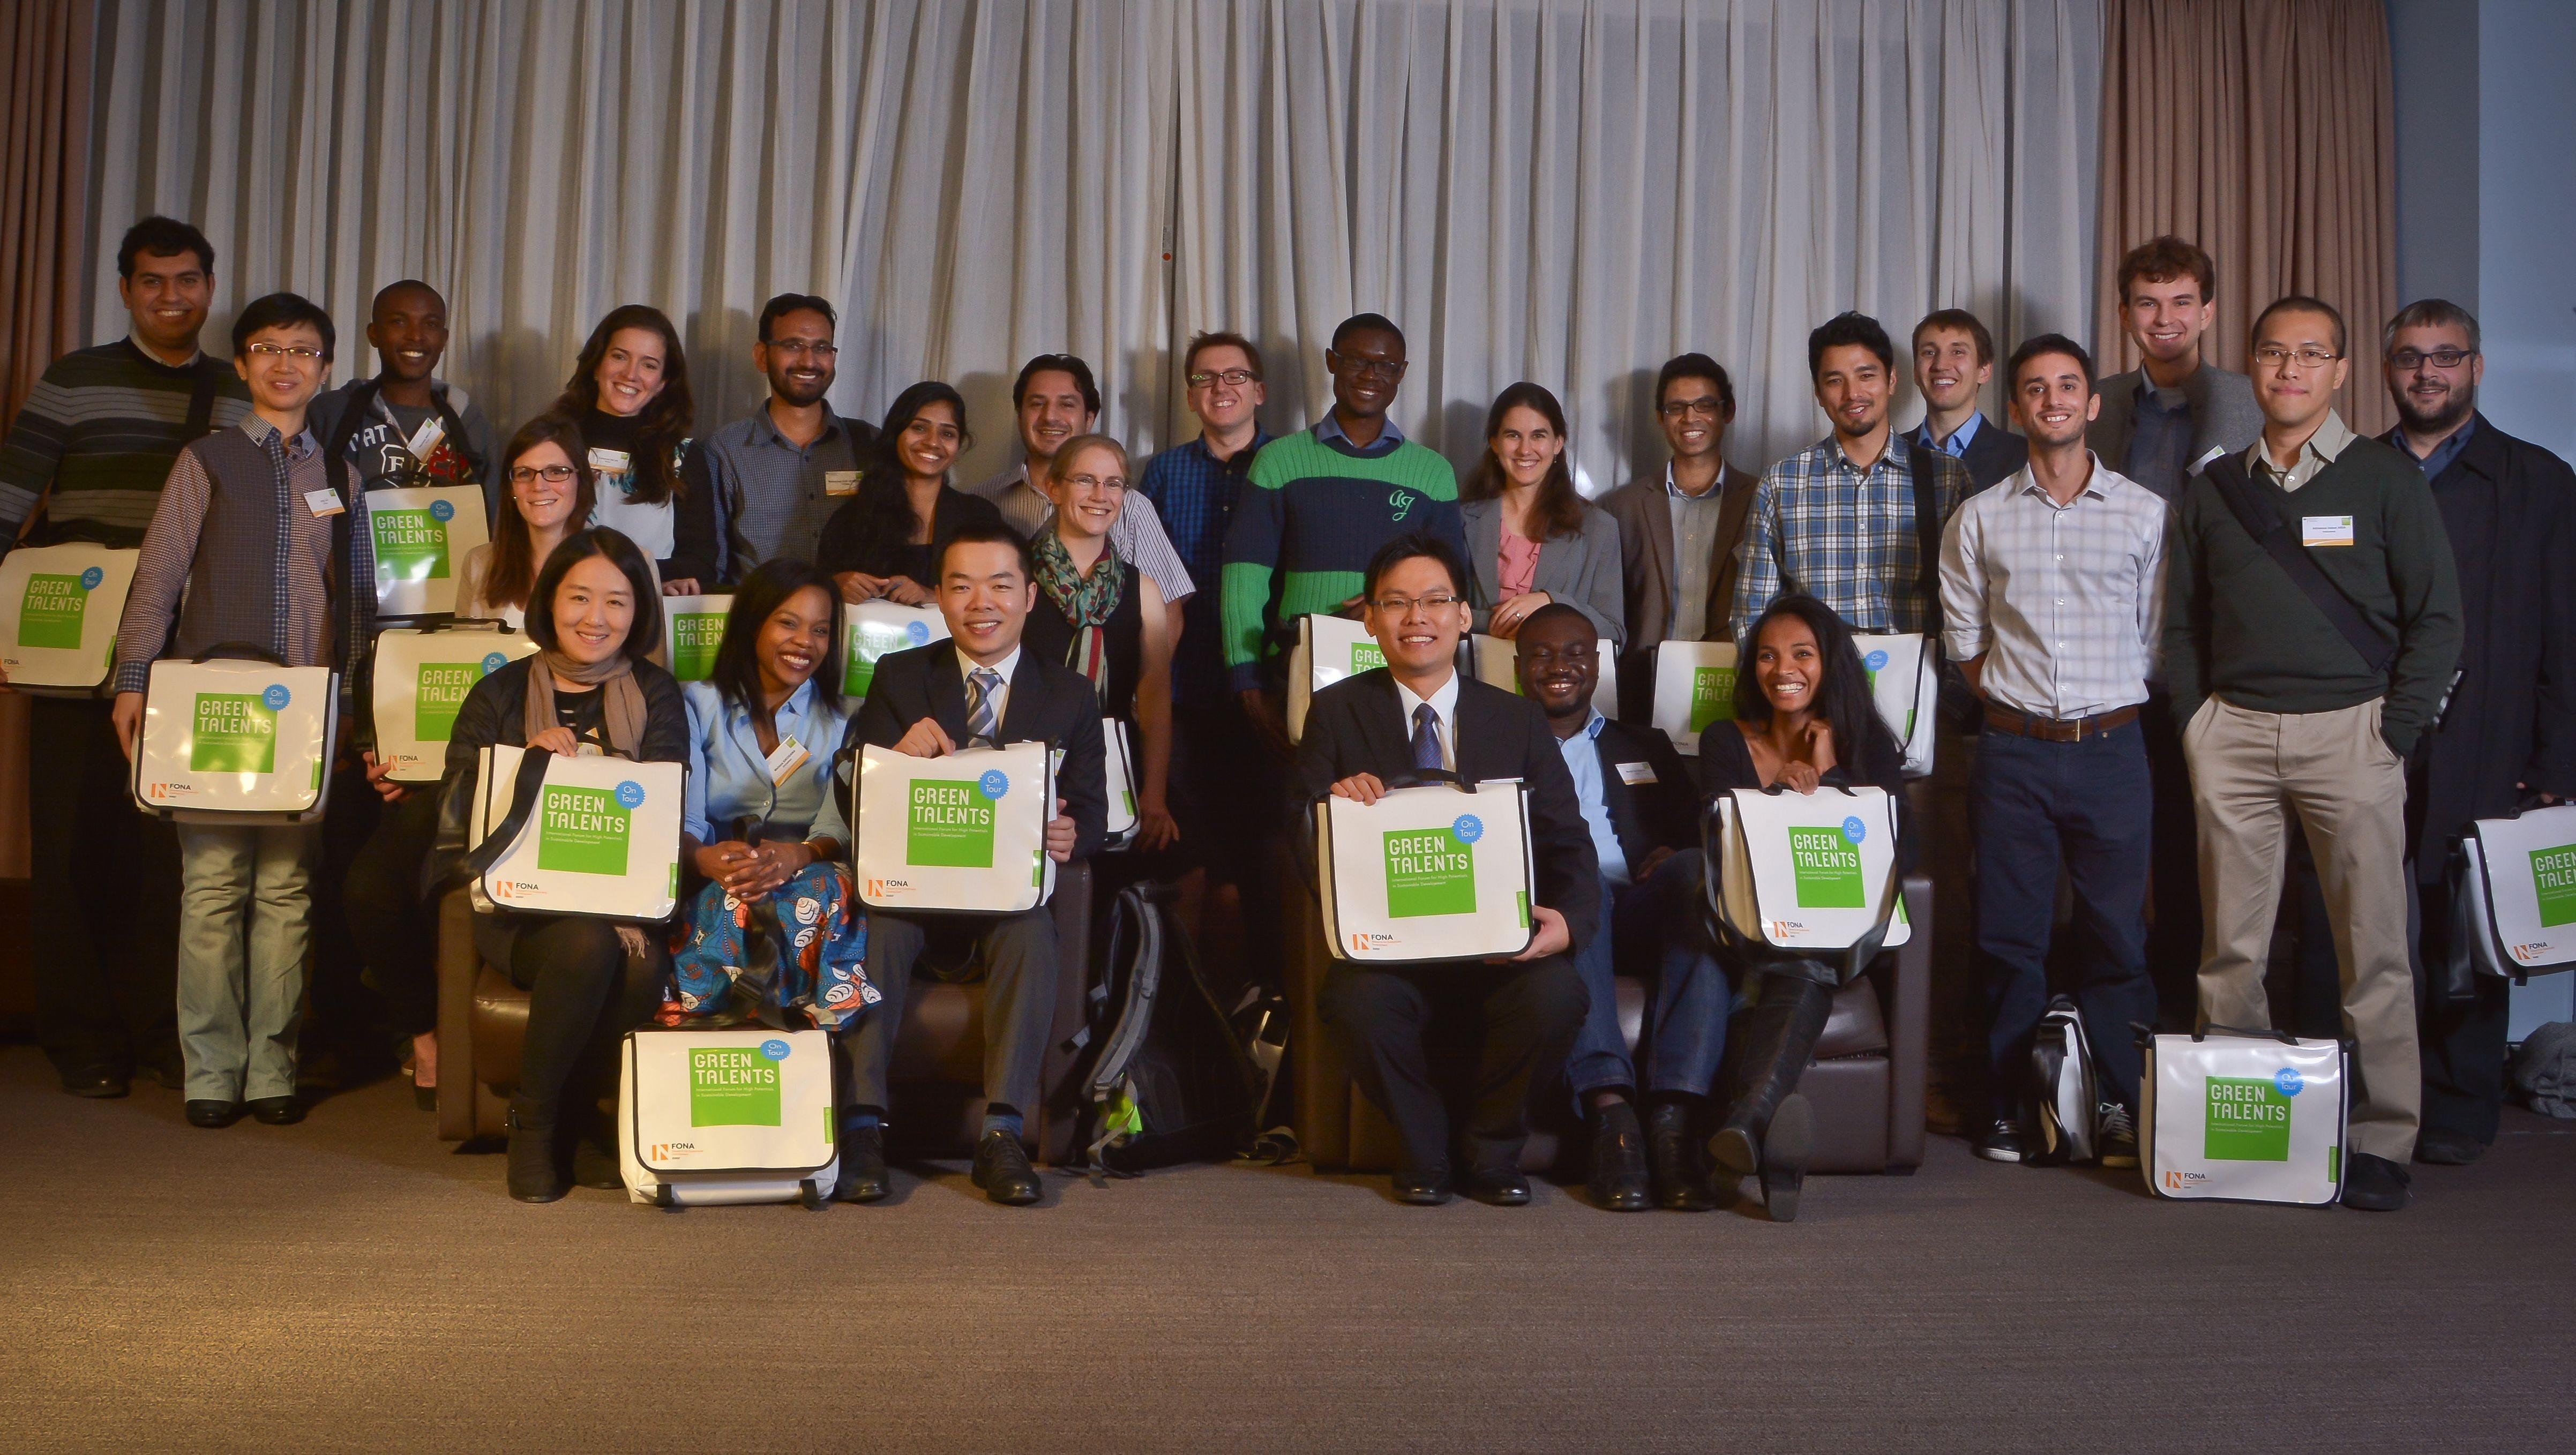 Os 25 'talentos verdes' de 2014 reunidos (Foto: Divulgação)